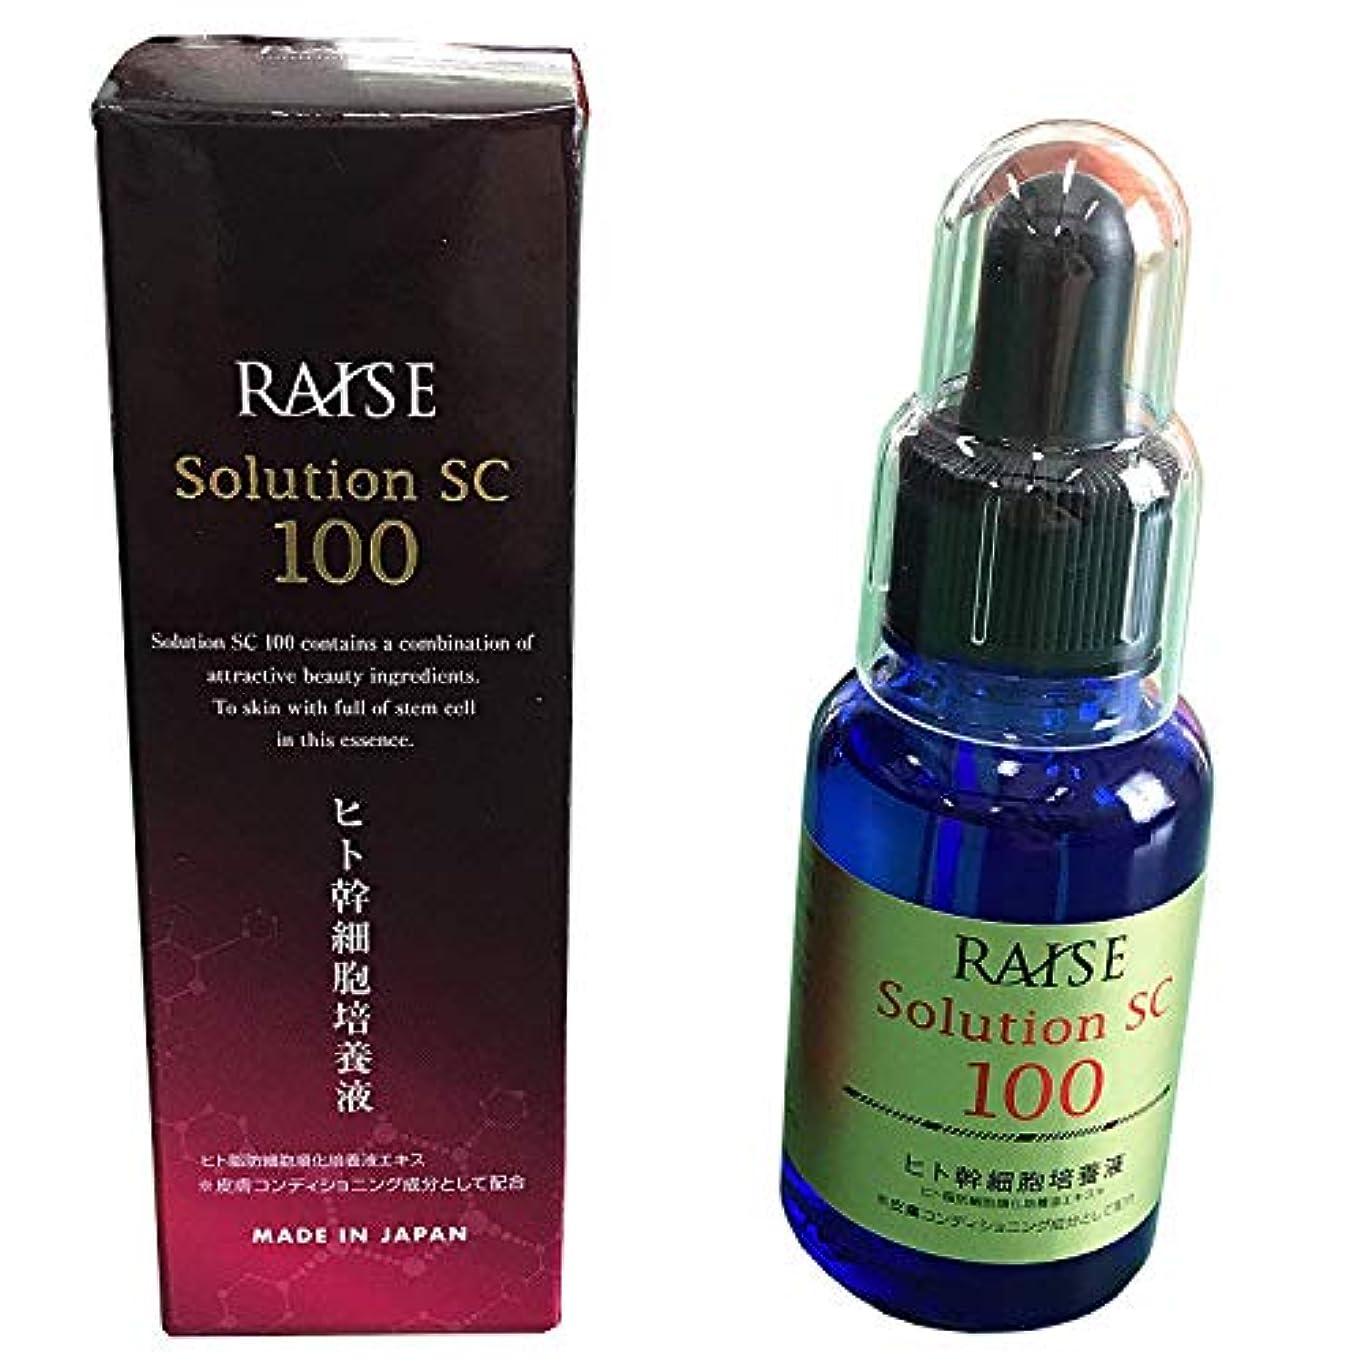 グラス滝取り出すRAISE (レイズ) ソリューション SC100 ヒト幹細胞 + 活性型 FGF 美容液 30ml